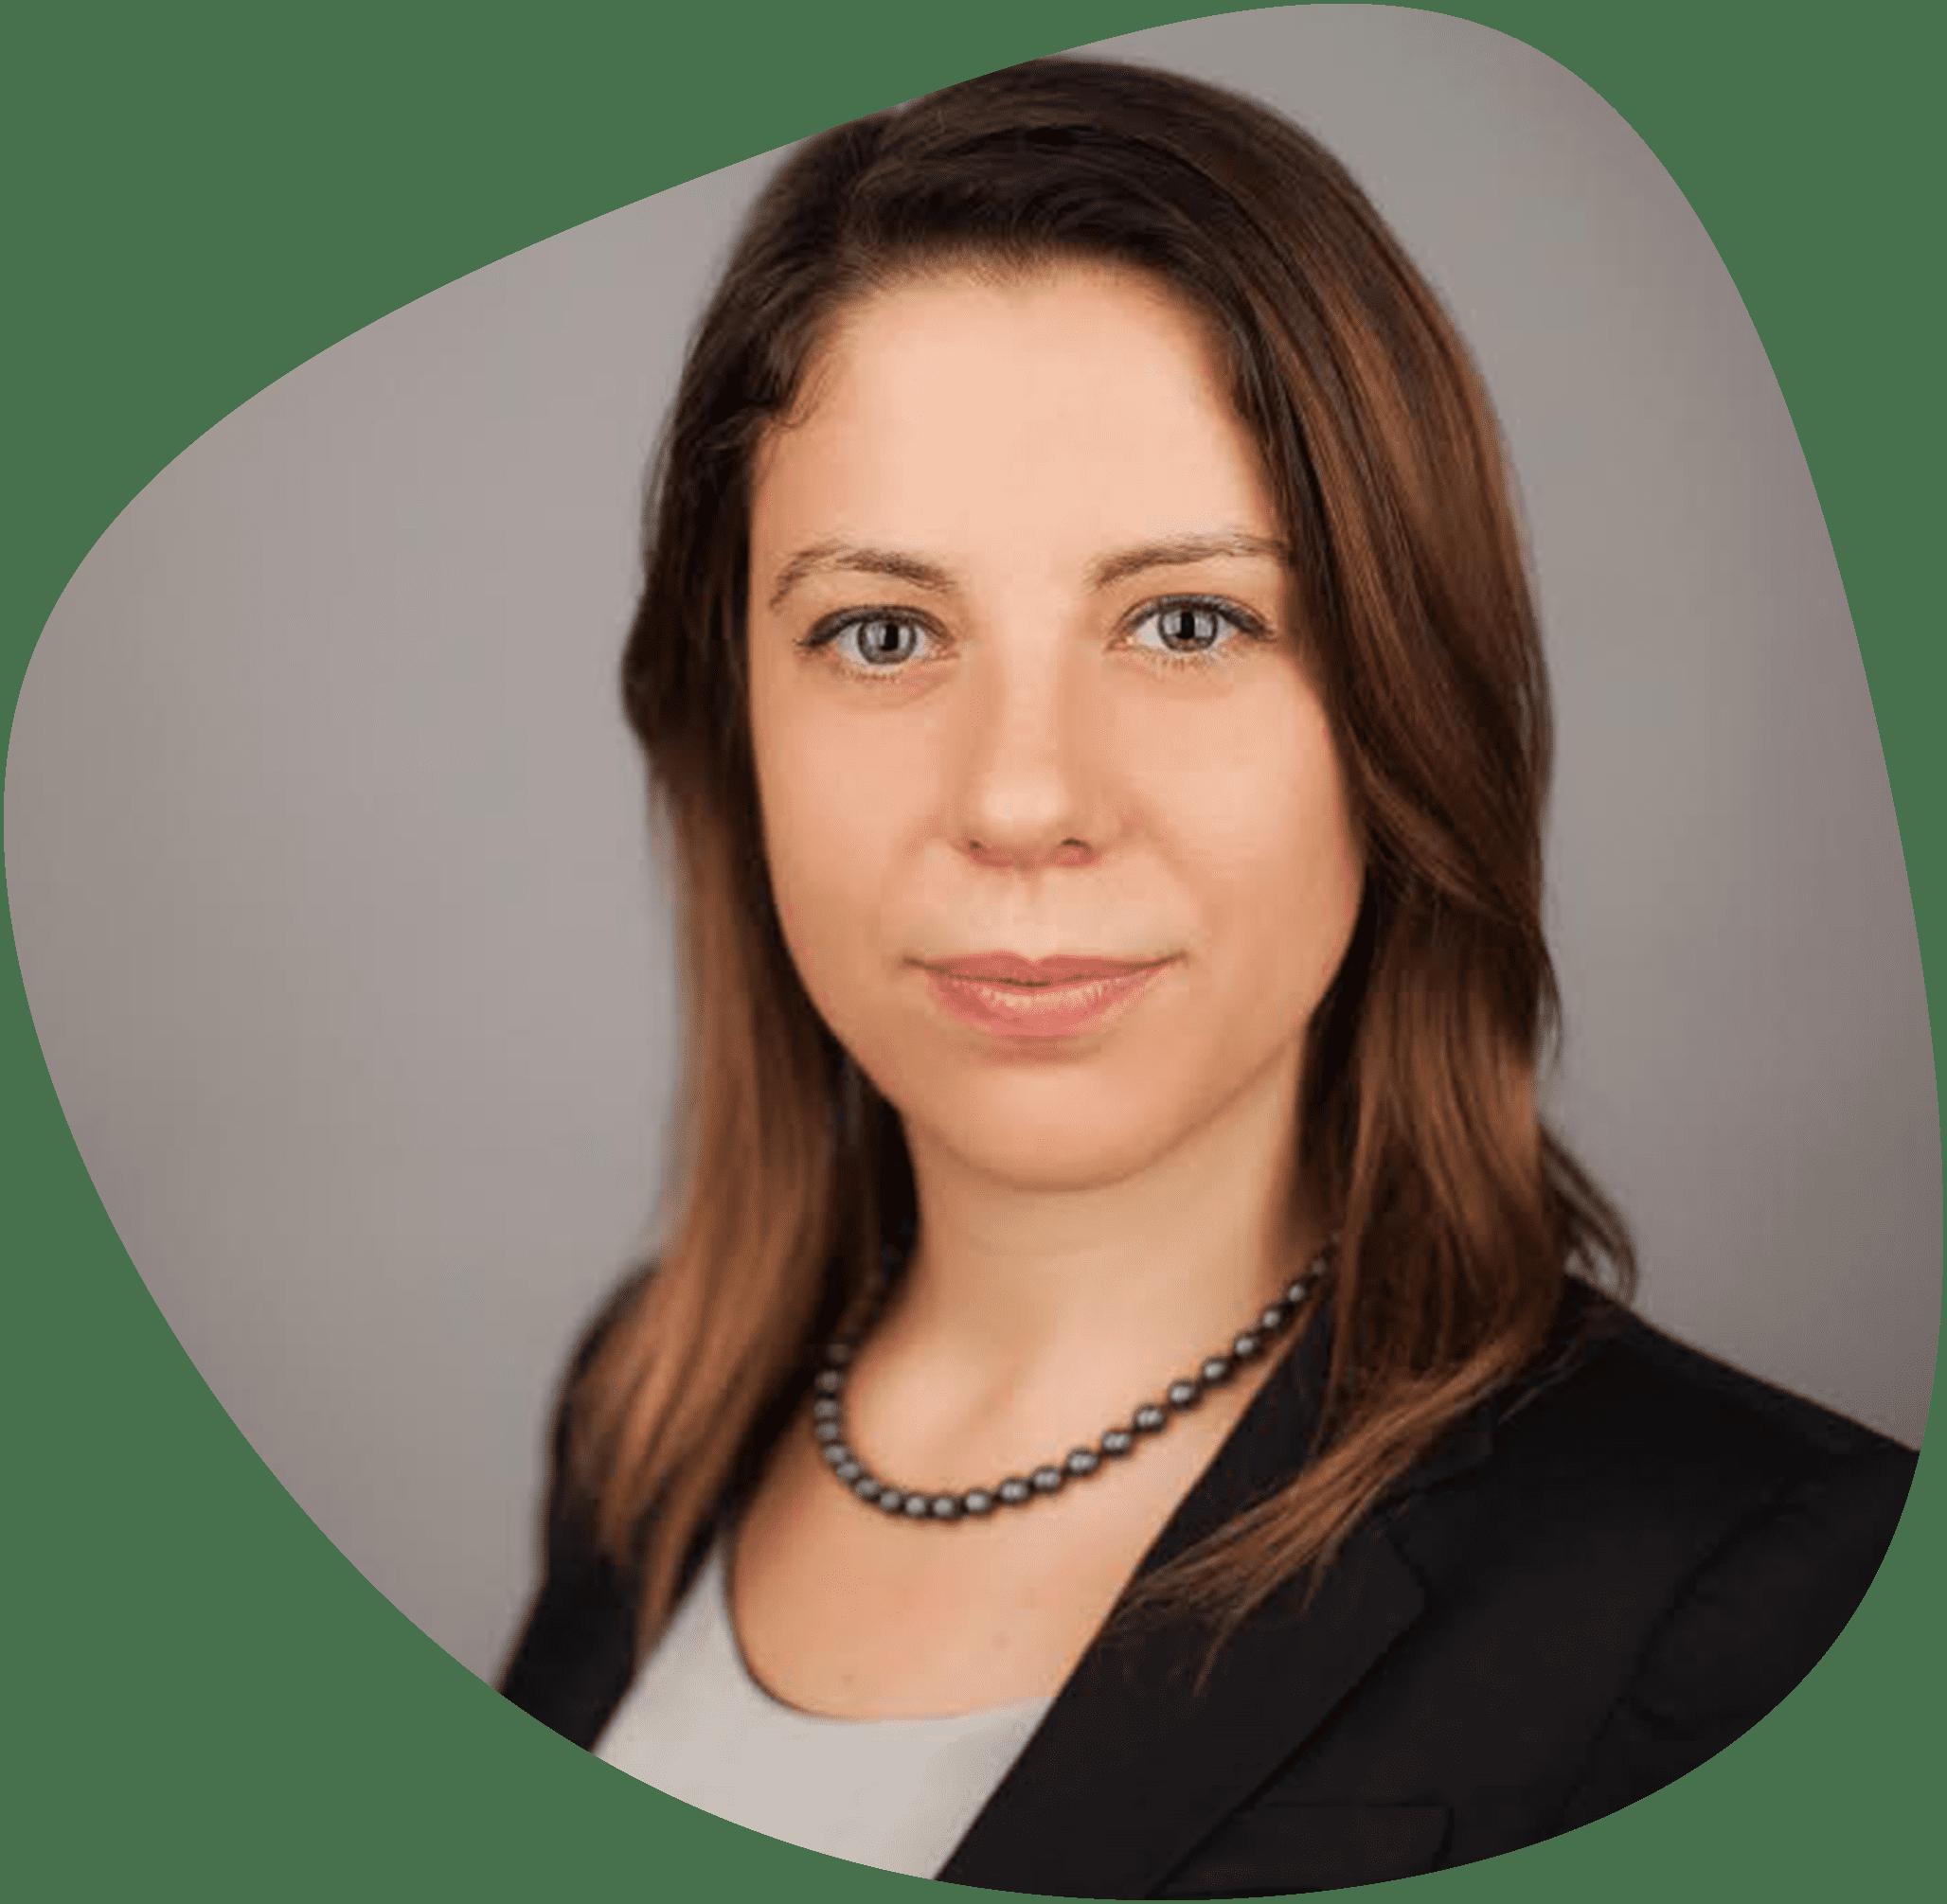 Silvia-testimonial